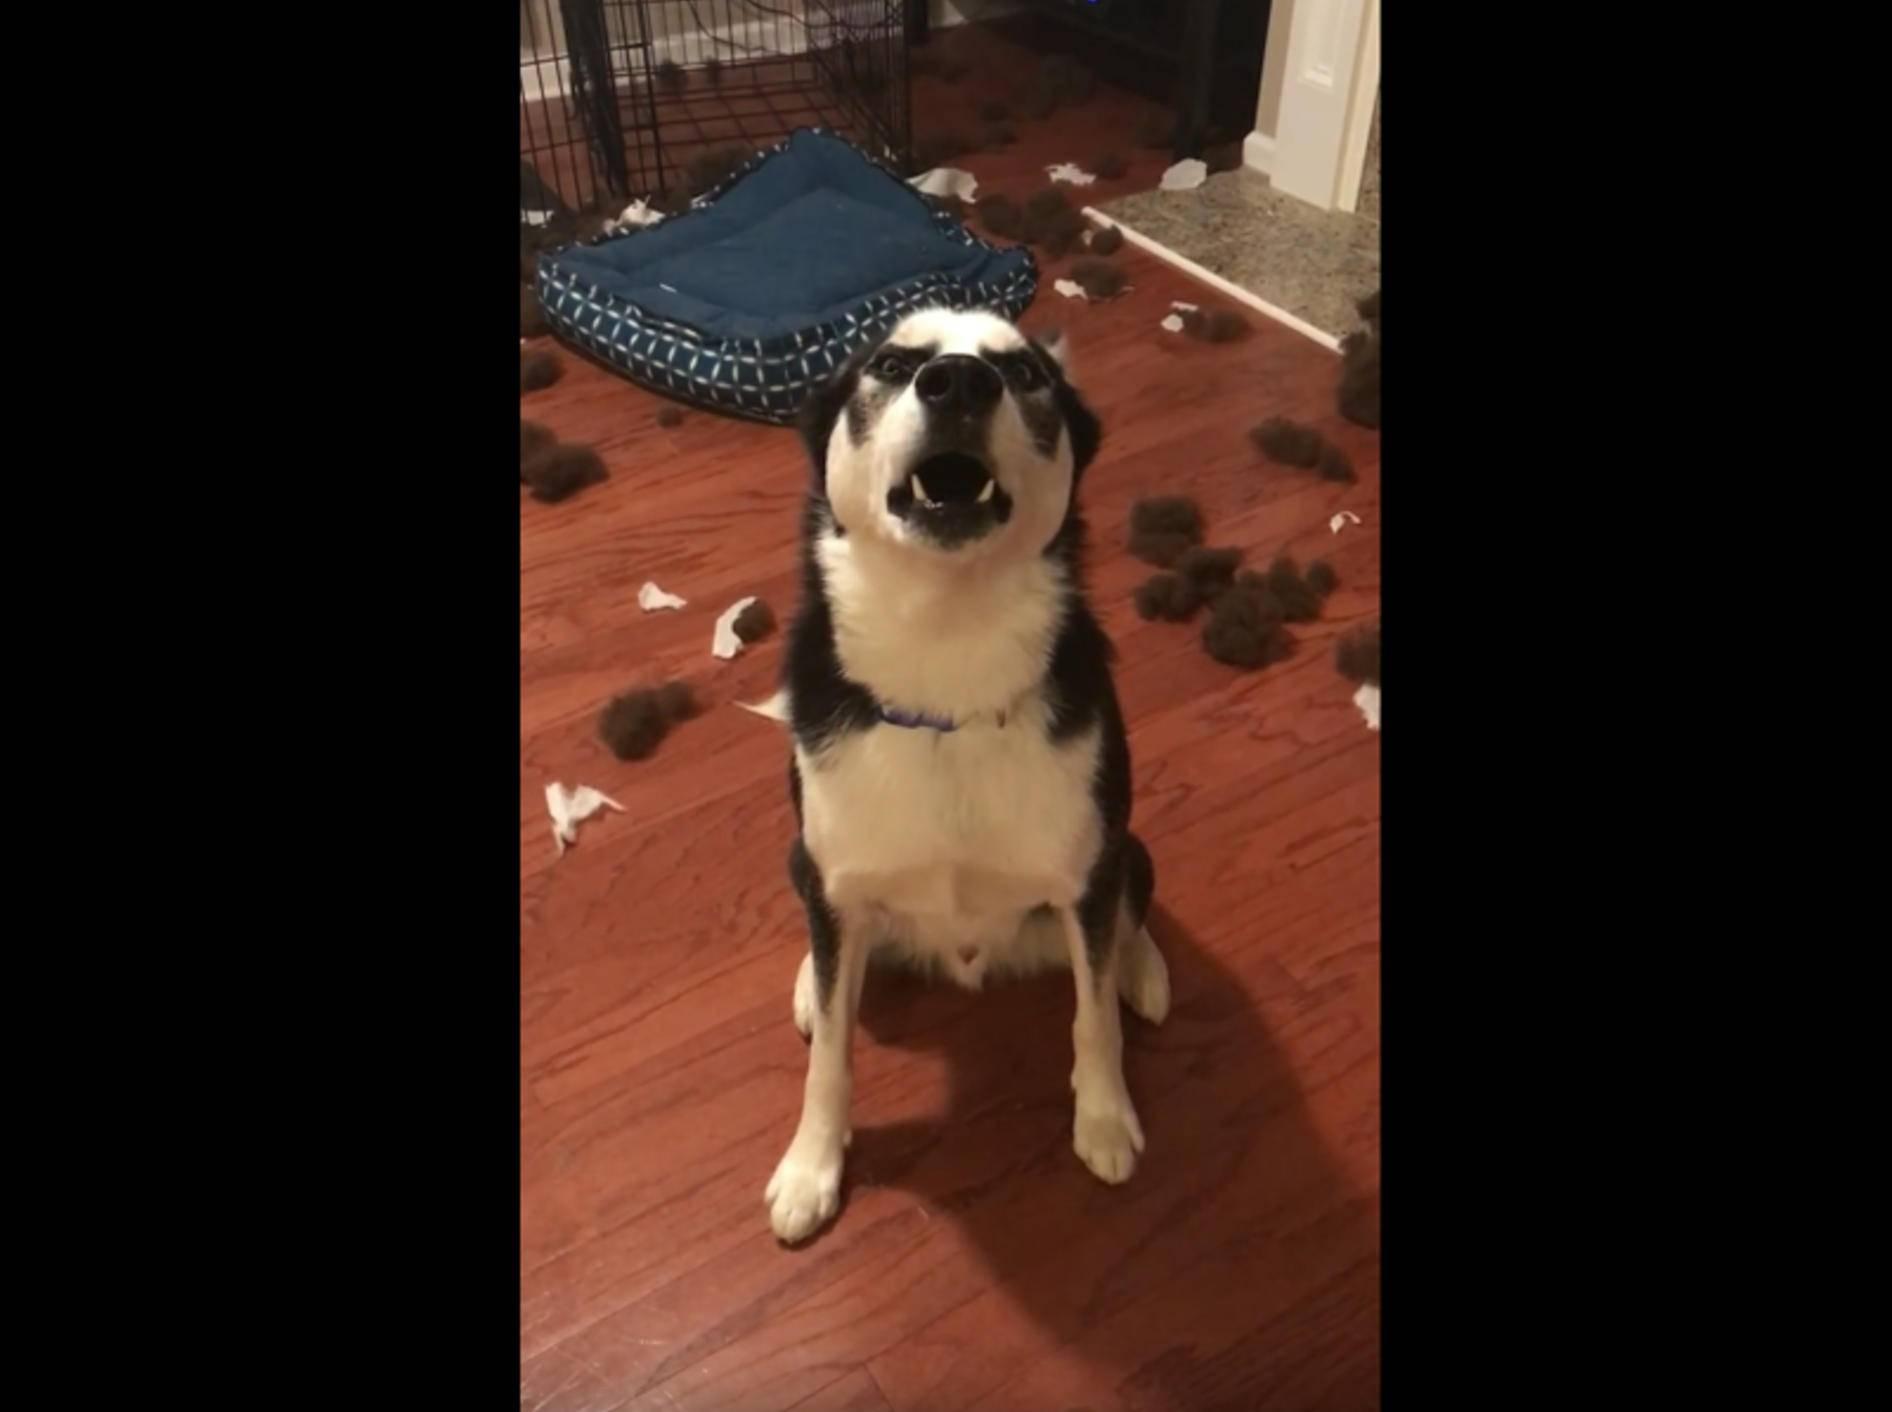 Husky Blu zerstört sein Bett und wird ausgeschimpft – YouTube / Viral Hog